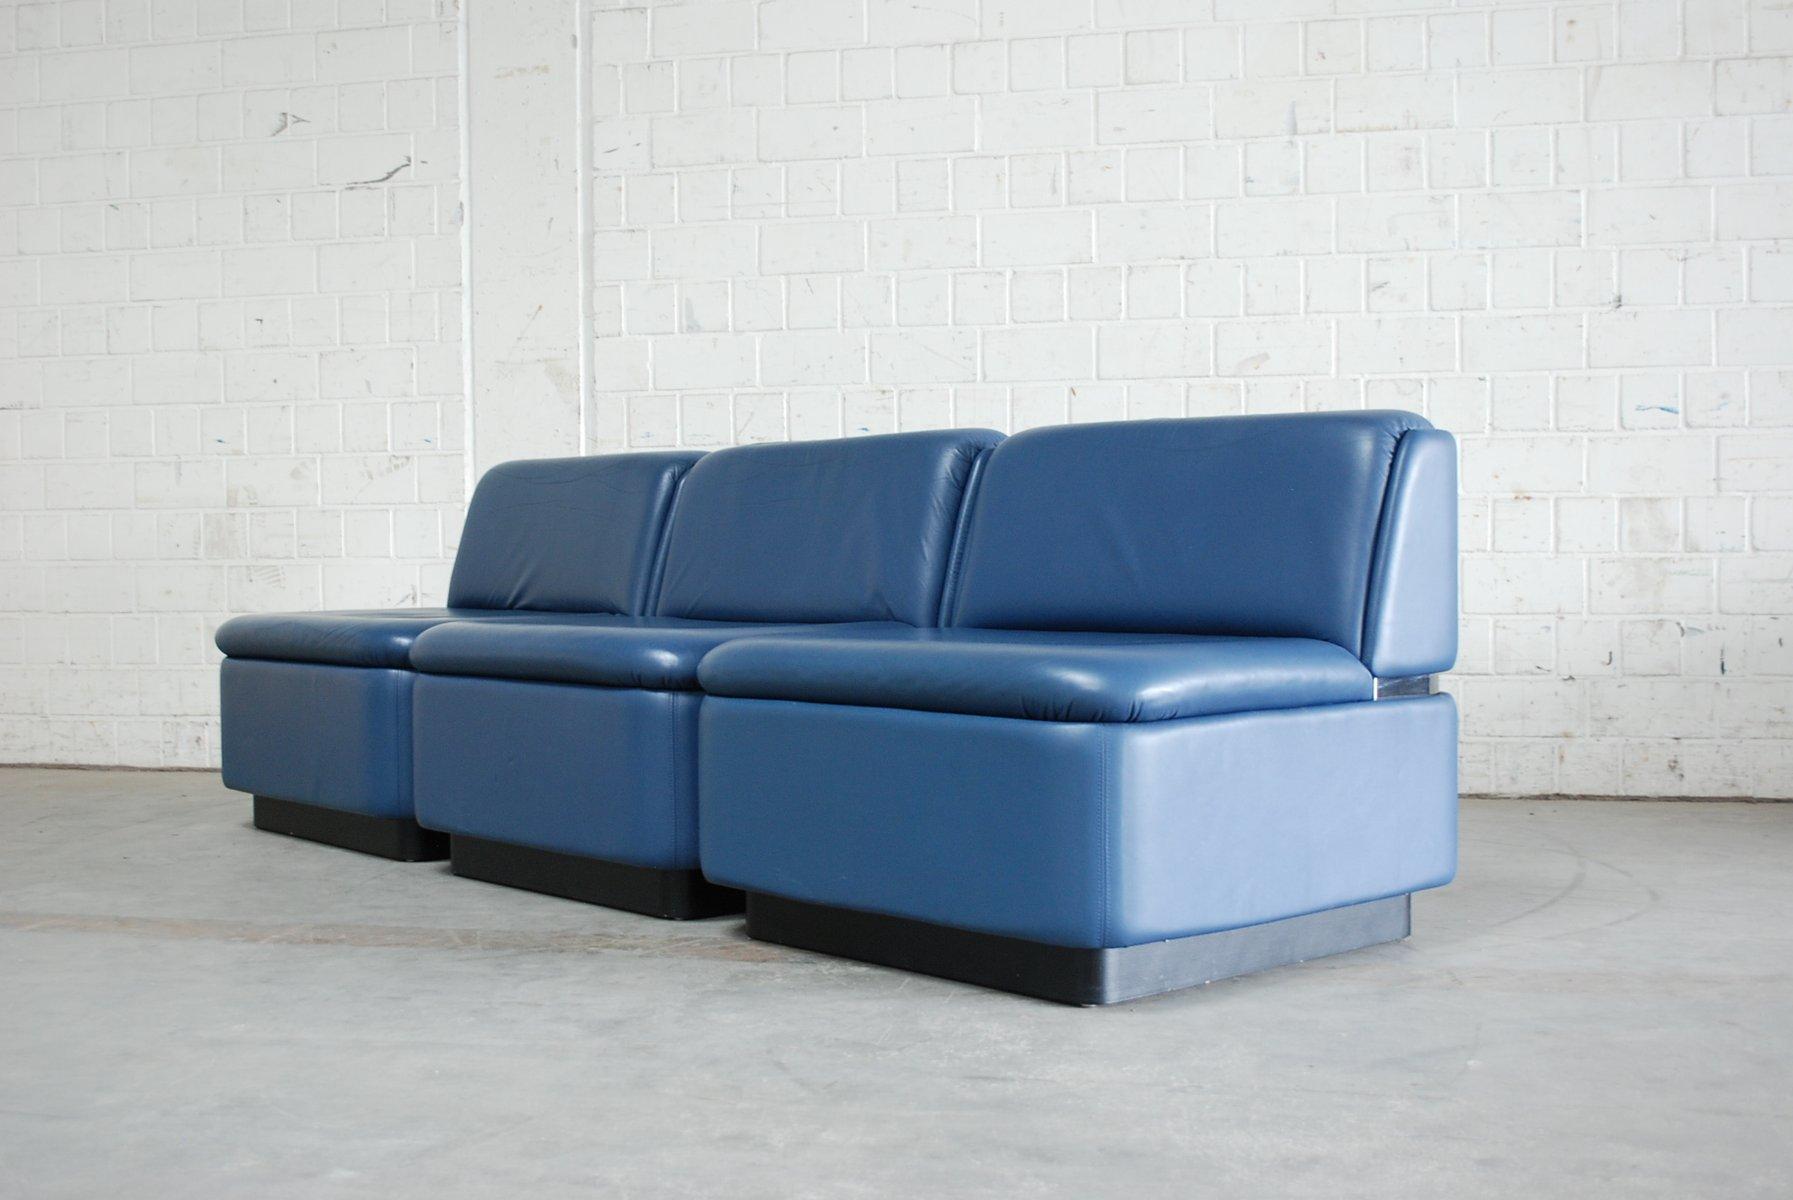 Teal blue leather sofa thesofa Blue leather sofa